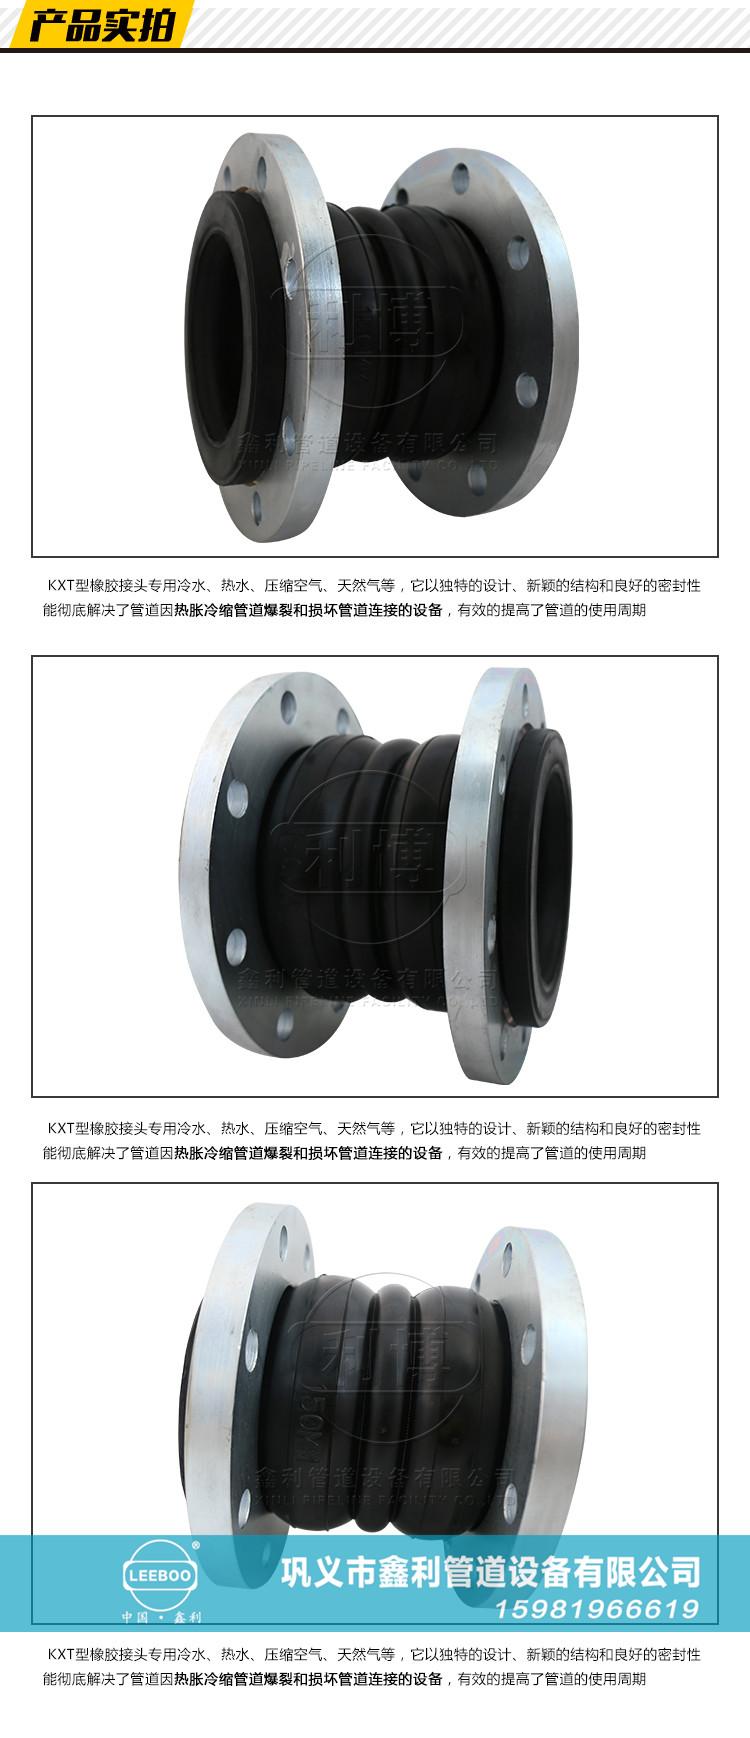 橡胶软接头期限长短和材质的重要关系